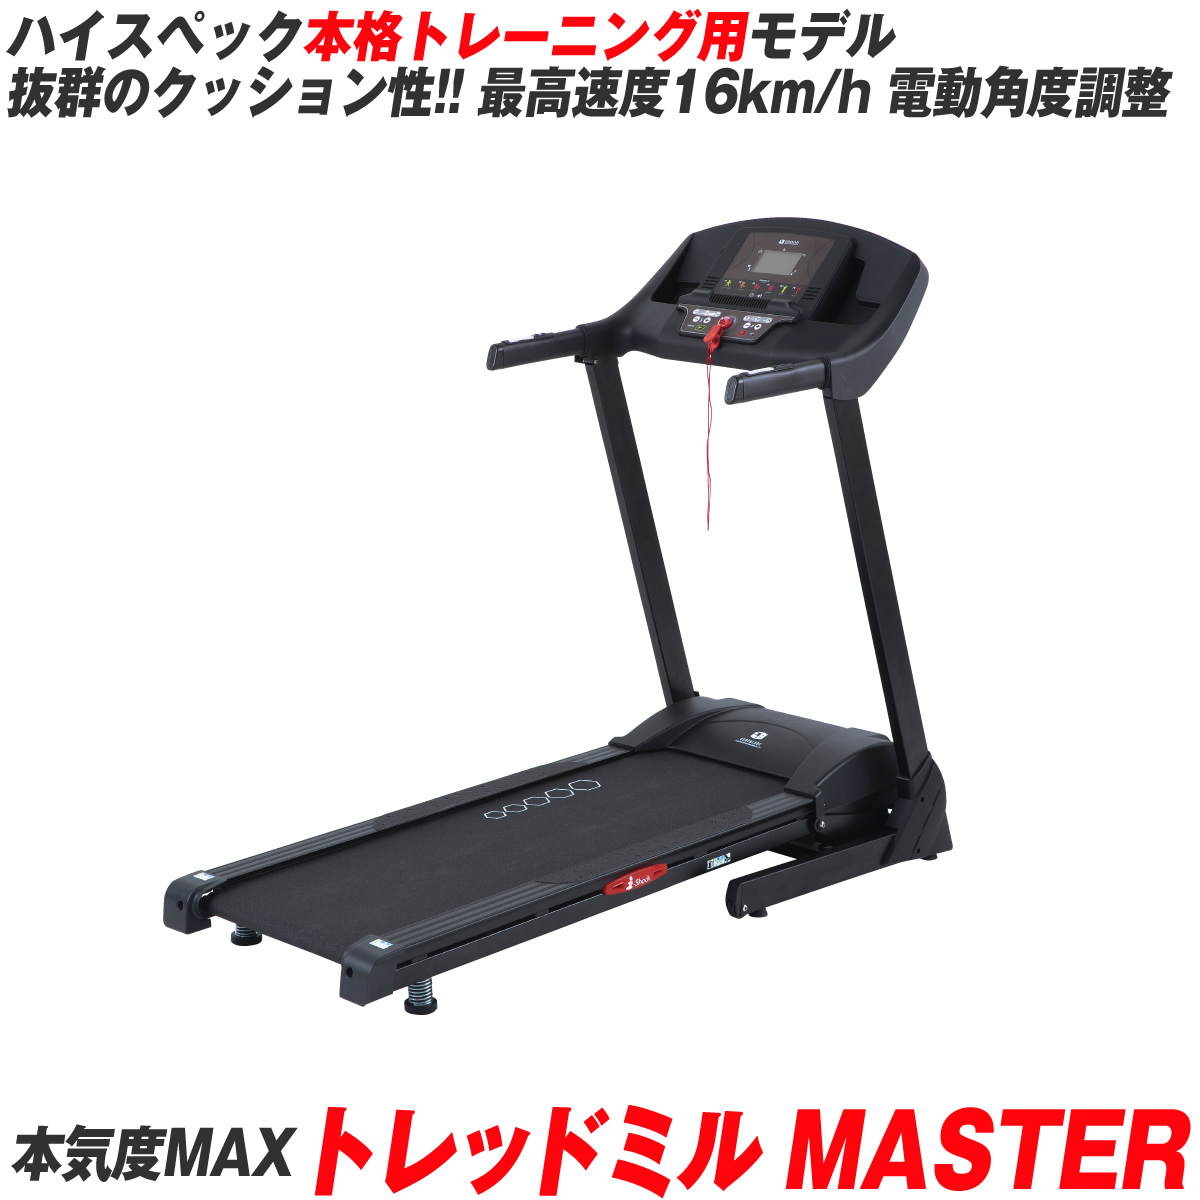 トレッドミル <MASTER> / 最高速度16km/h ハイスペック本格トレーニング用 / ルームランナー ランニングマシン ウォーカー コアブレード